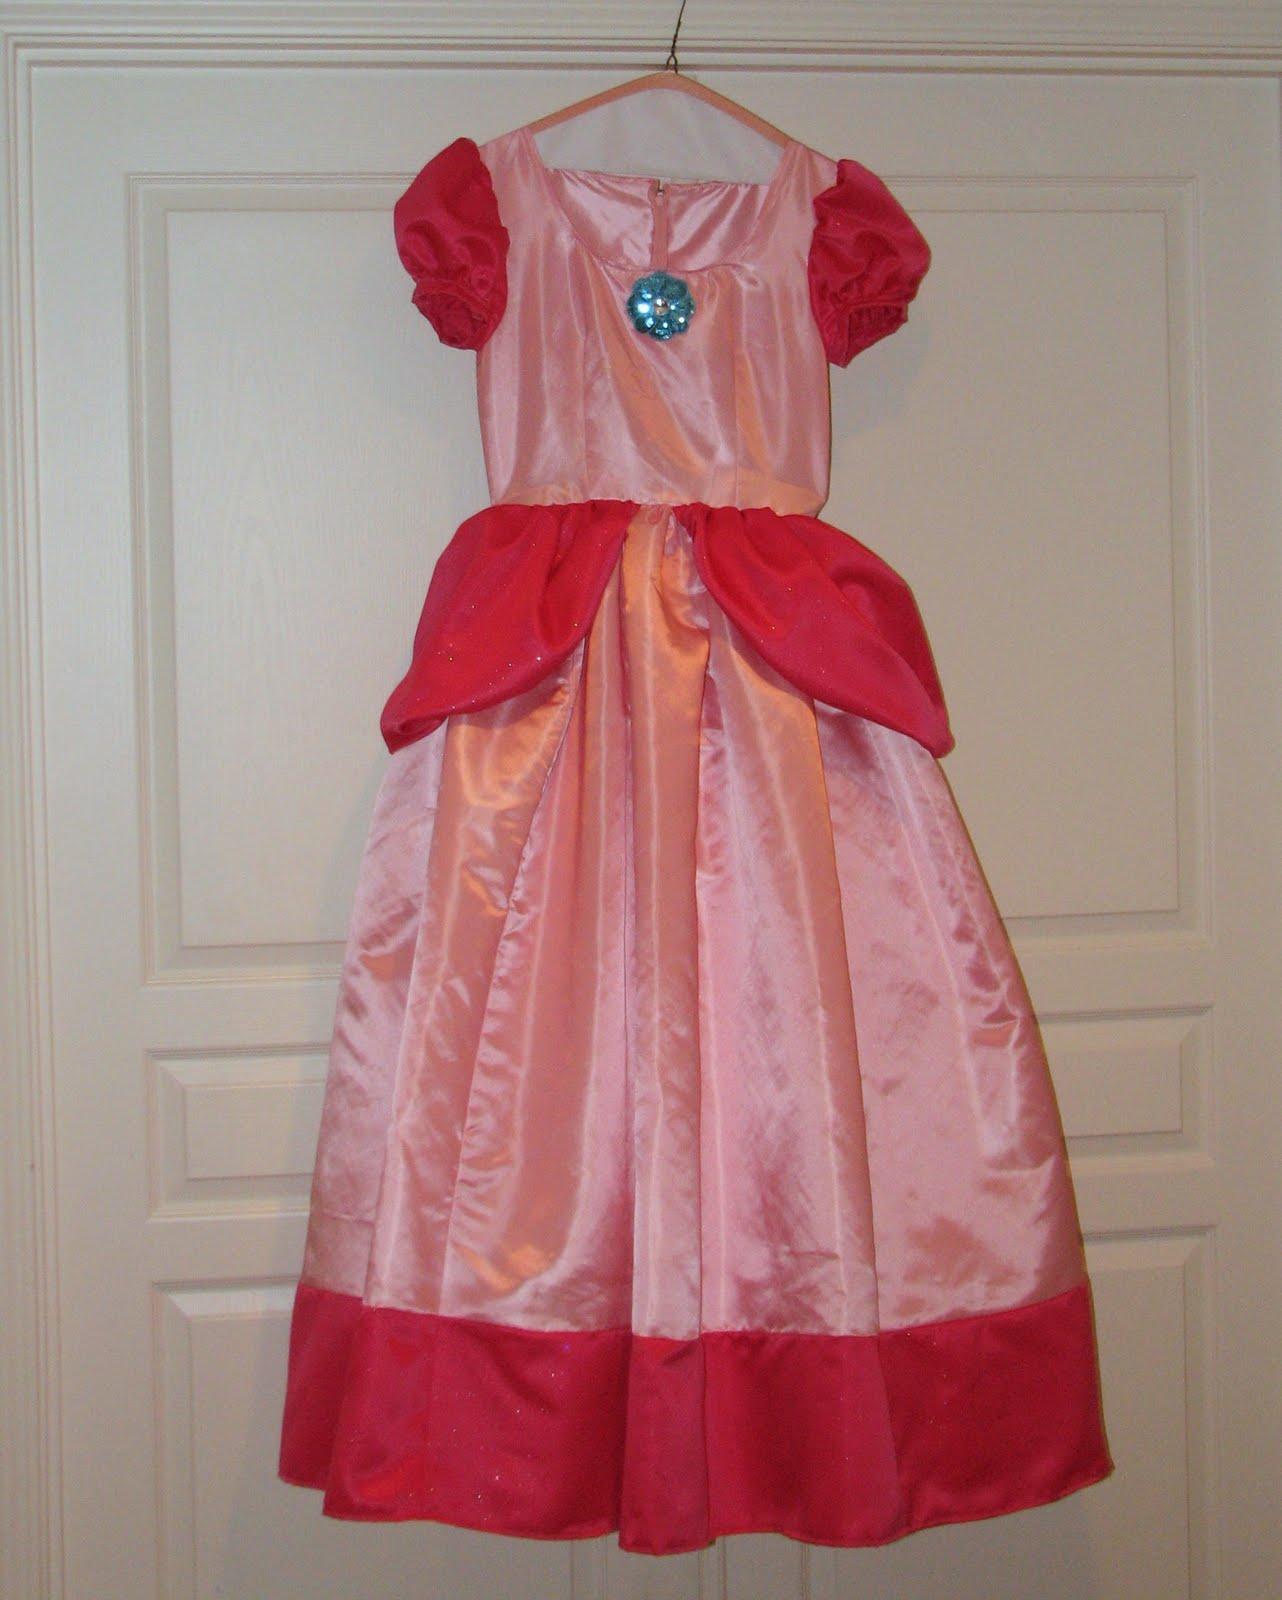 TUTORIAL Princess Peach & What I Made Today: TUTORIAL: Princess Peach